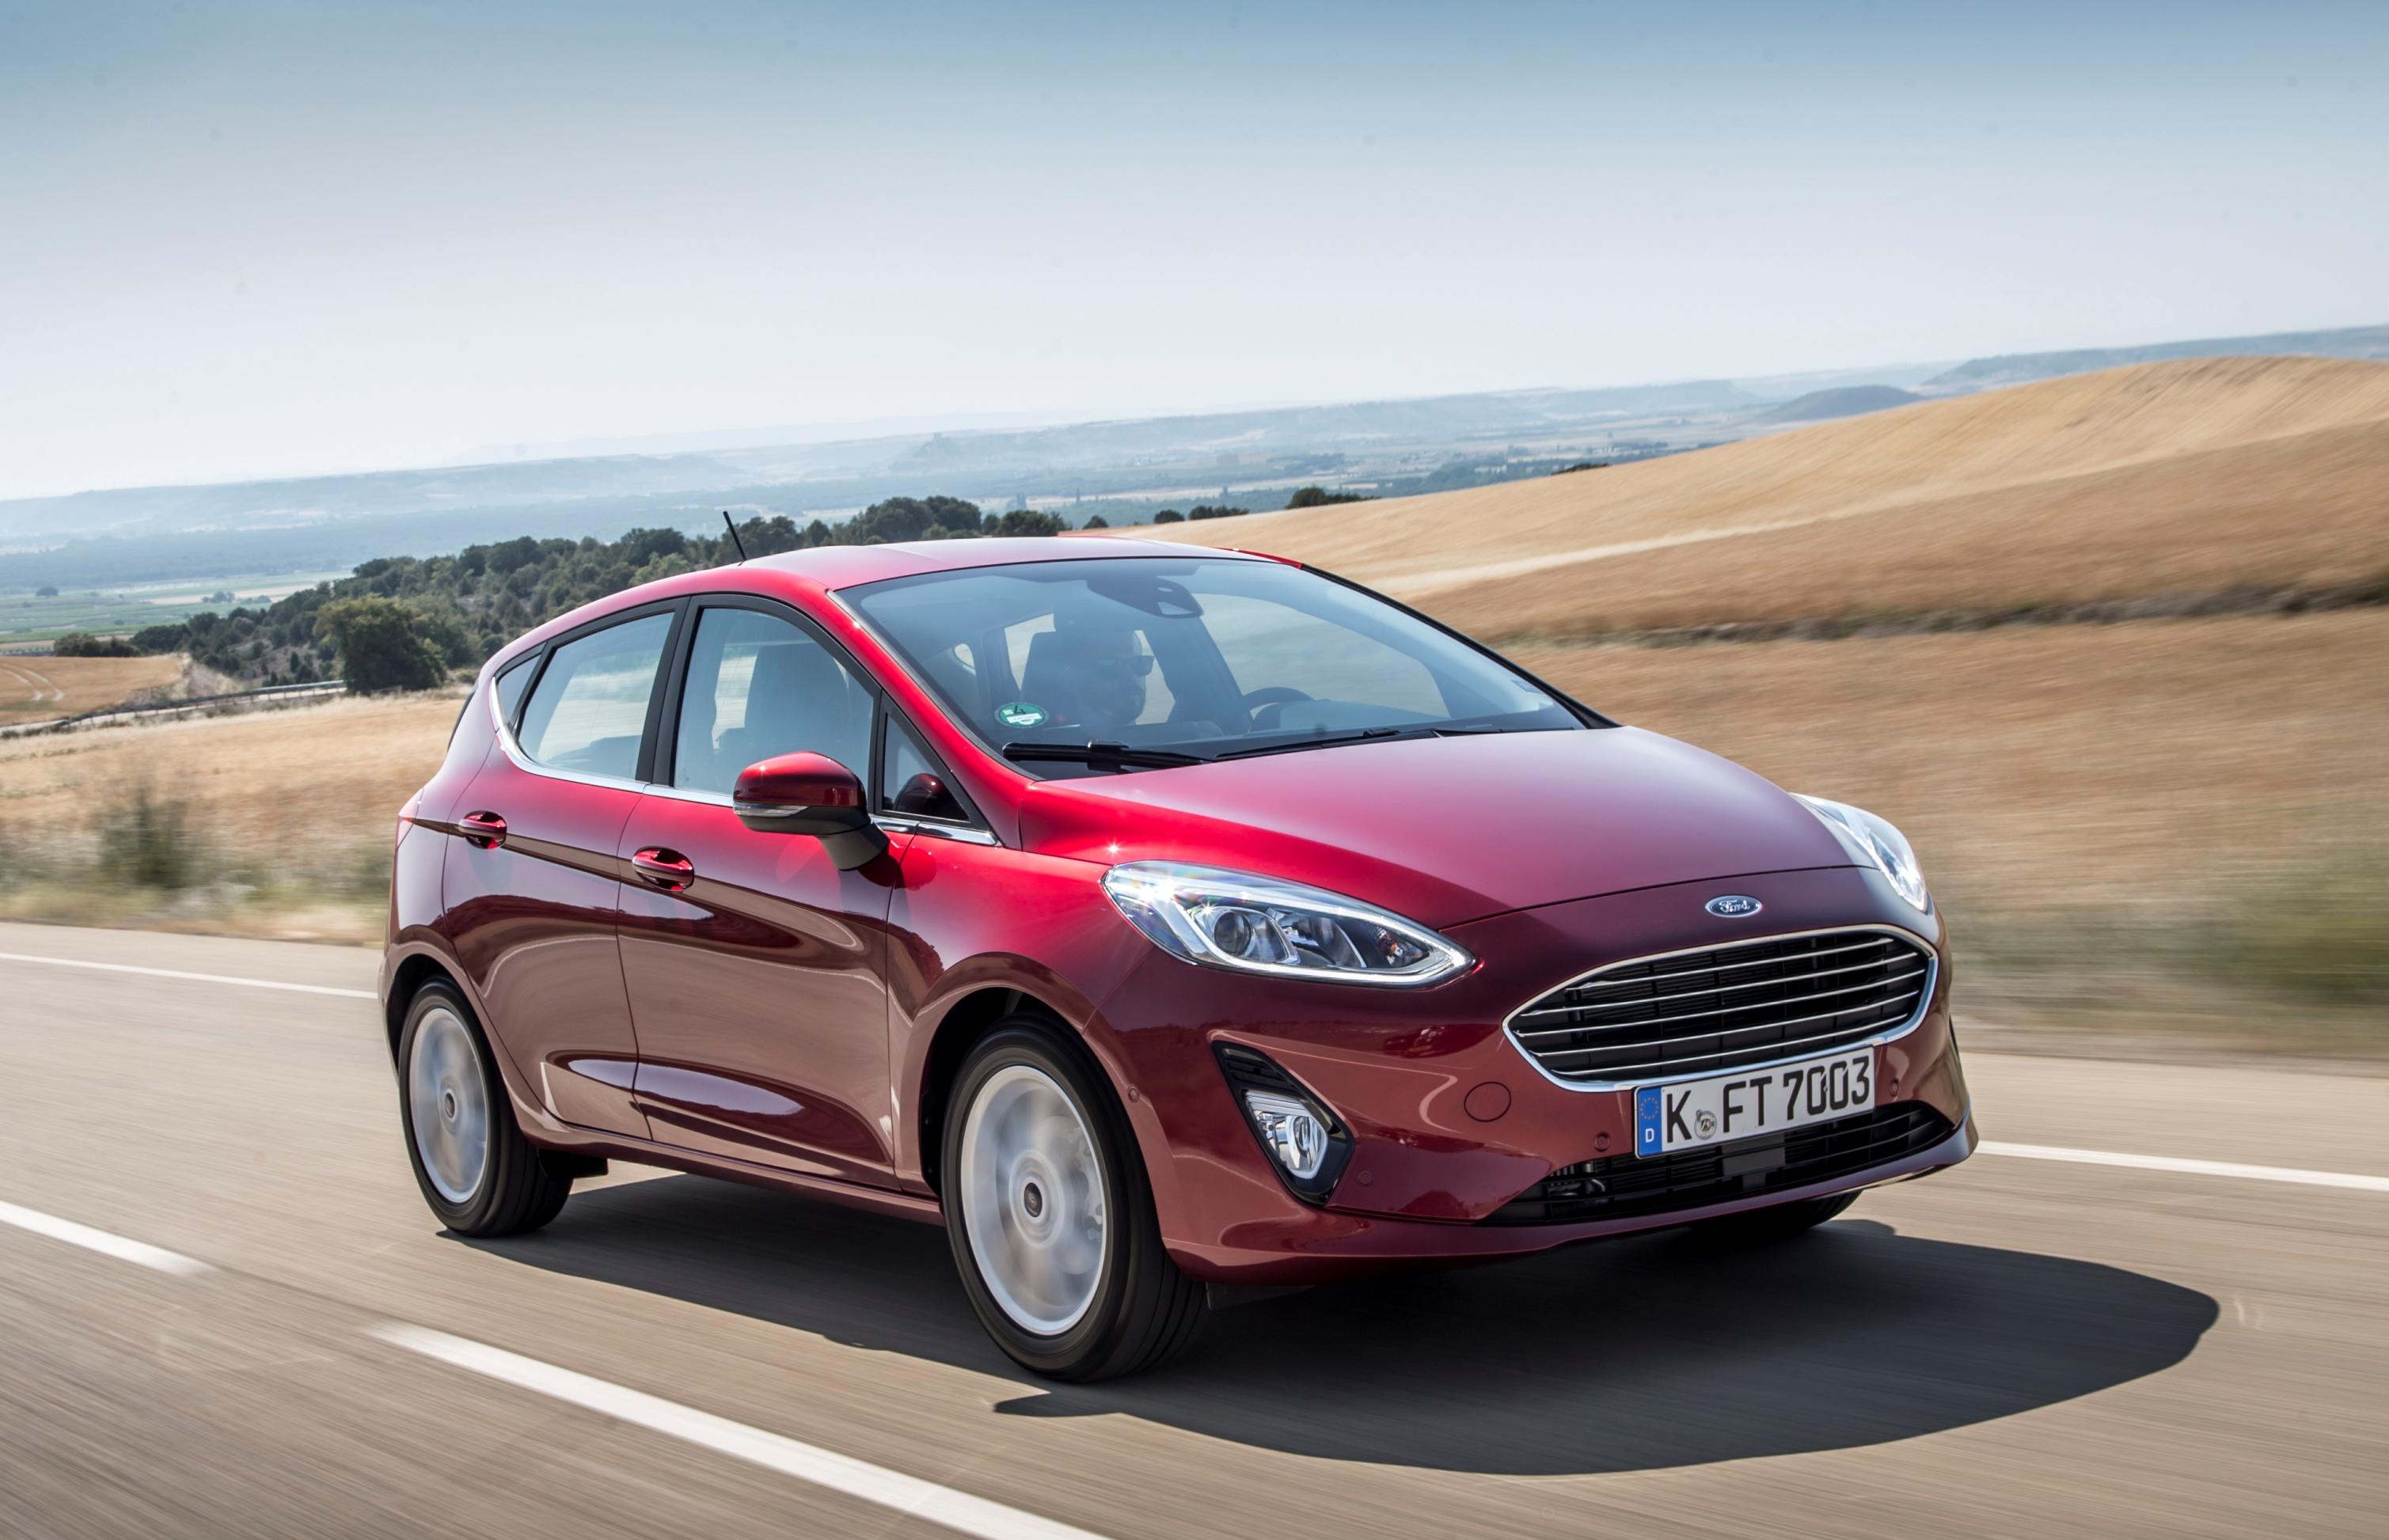 Specijalni prodajni dani za Ford automobile